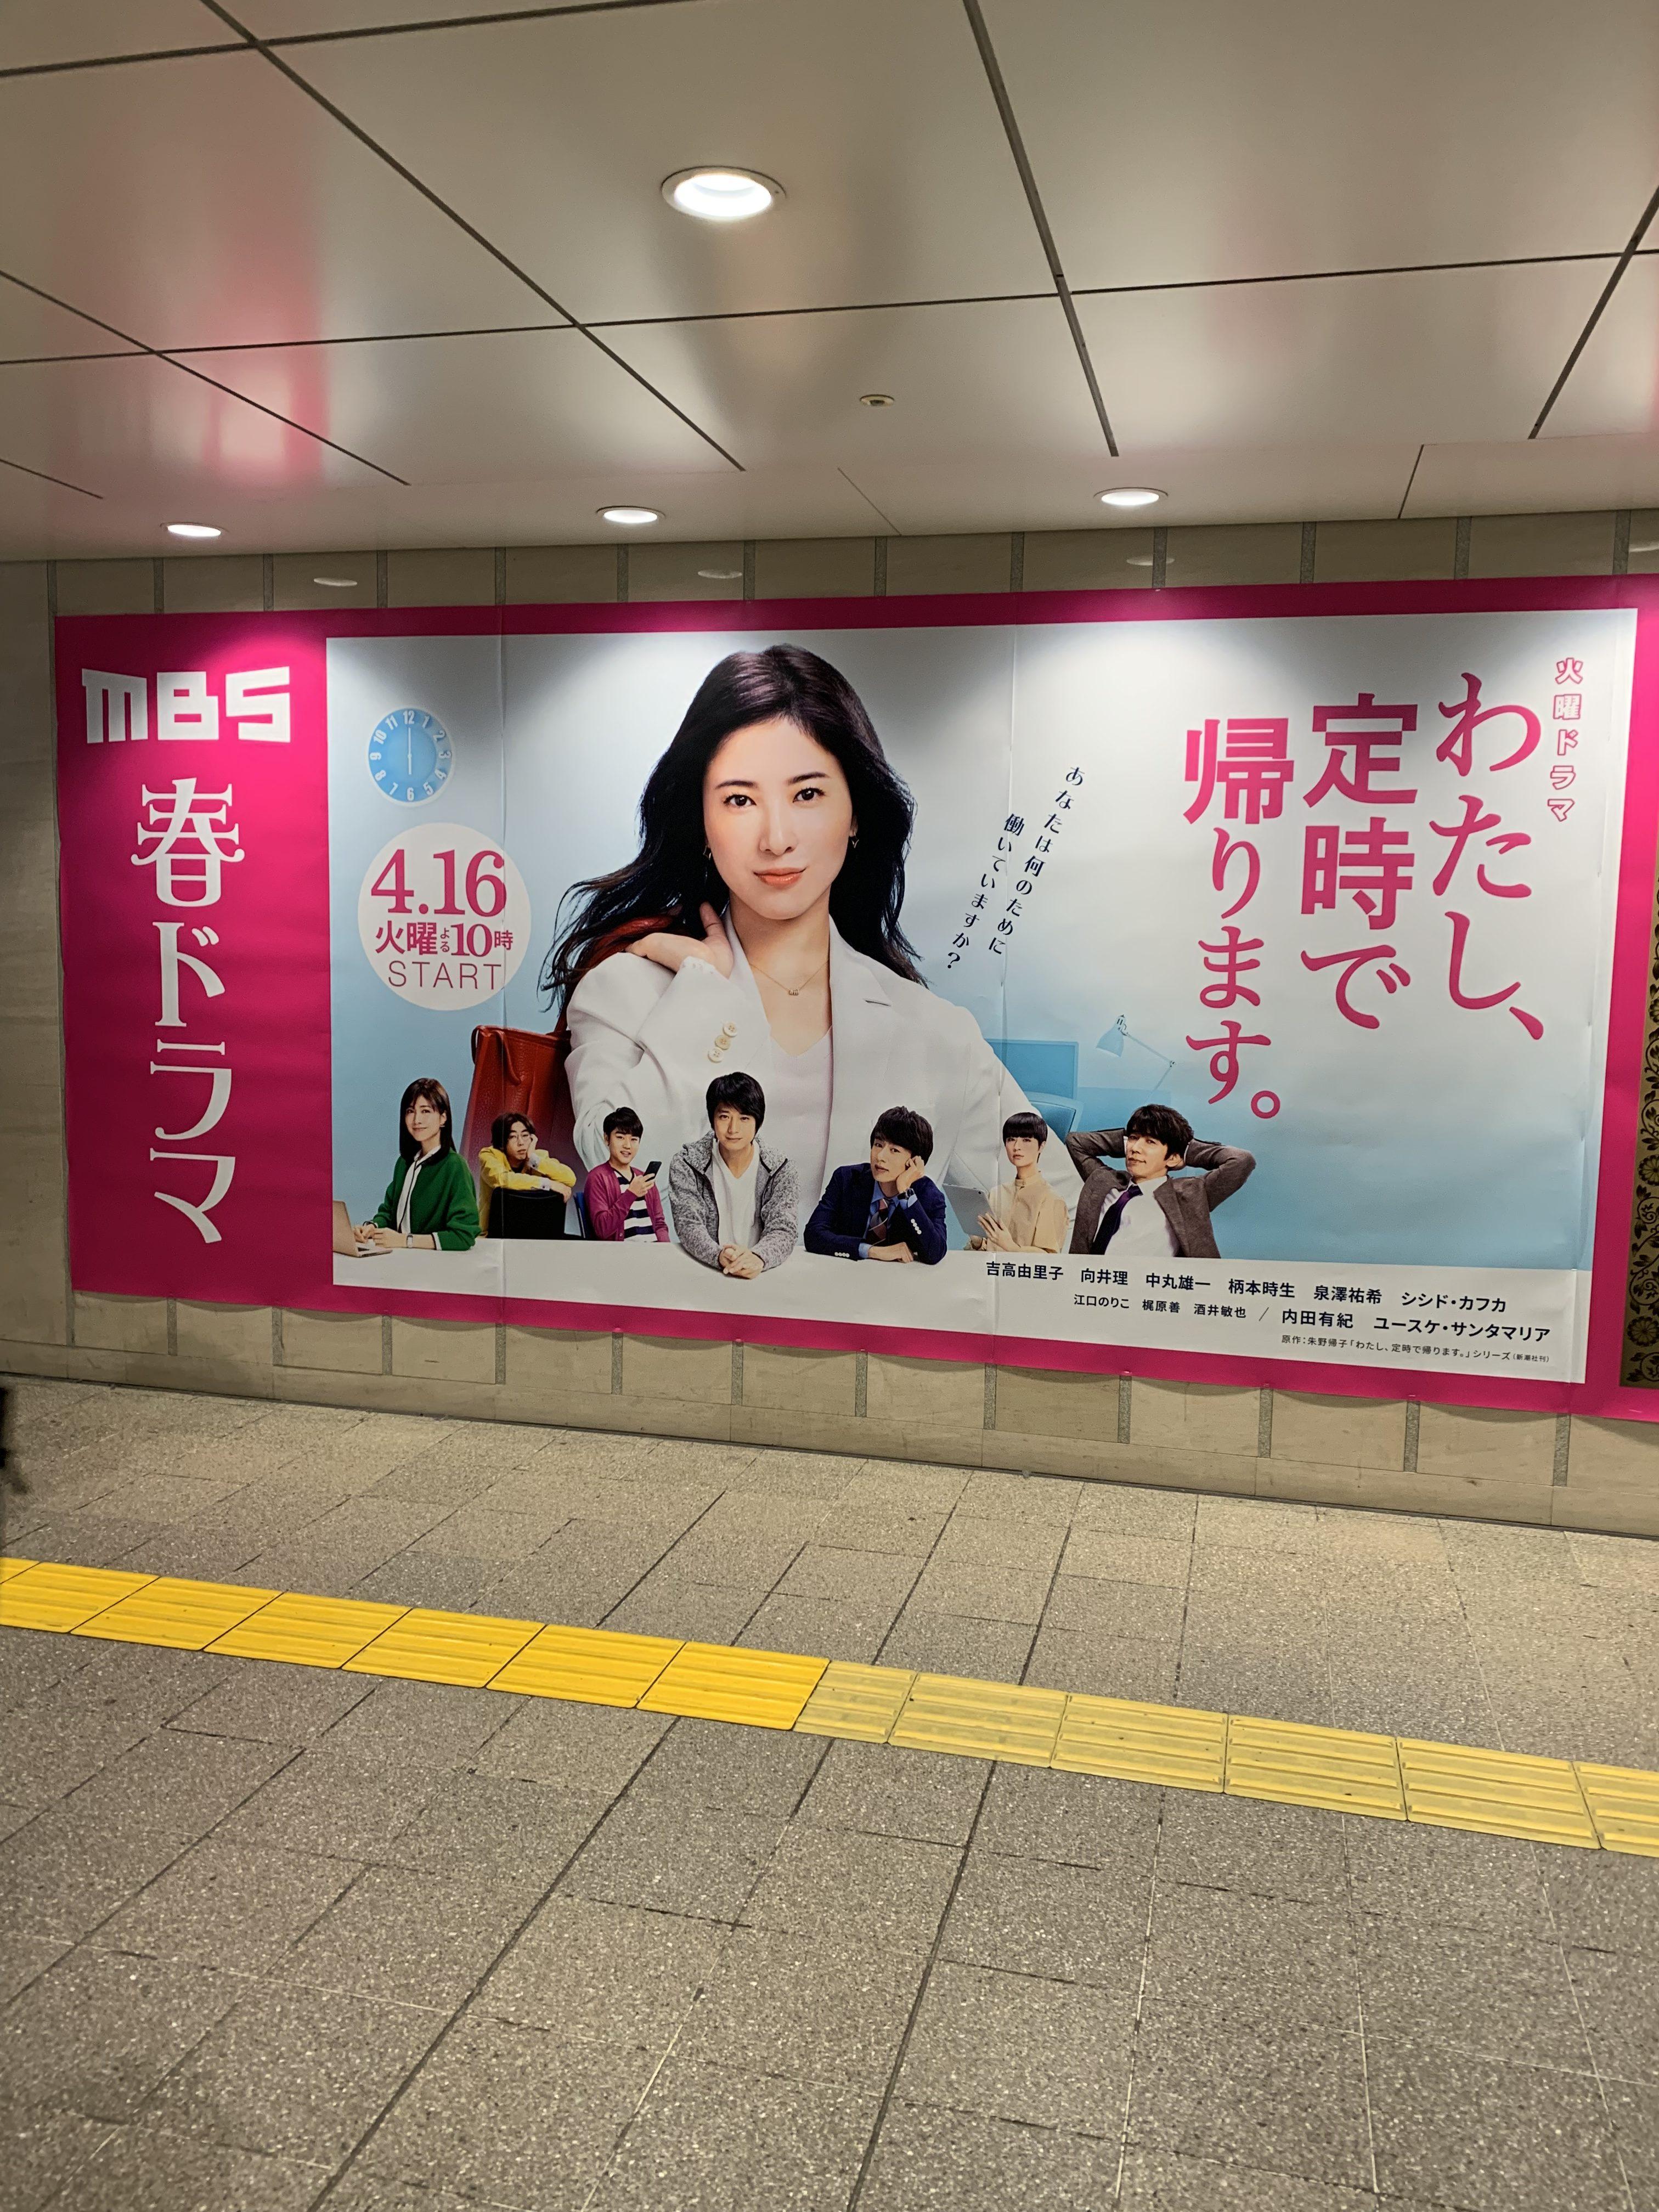 わたし、定時で帰ります。朱野帰子さんの会社員時代の経験を反映